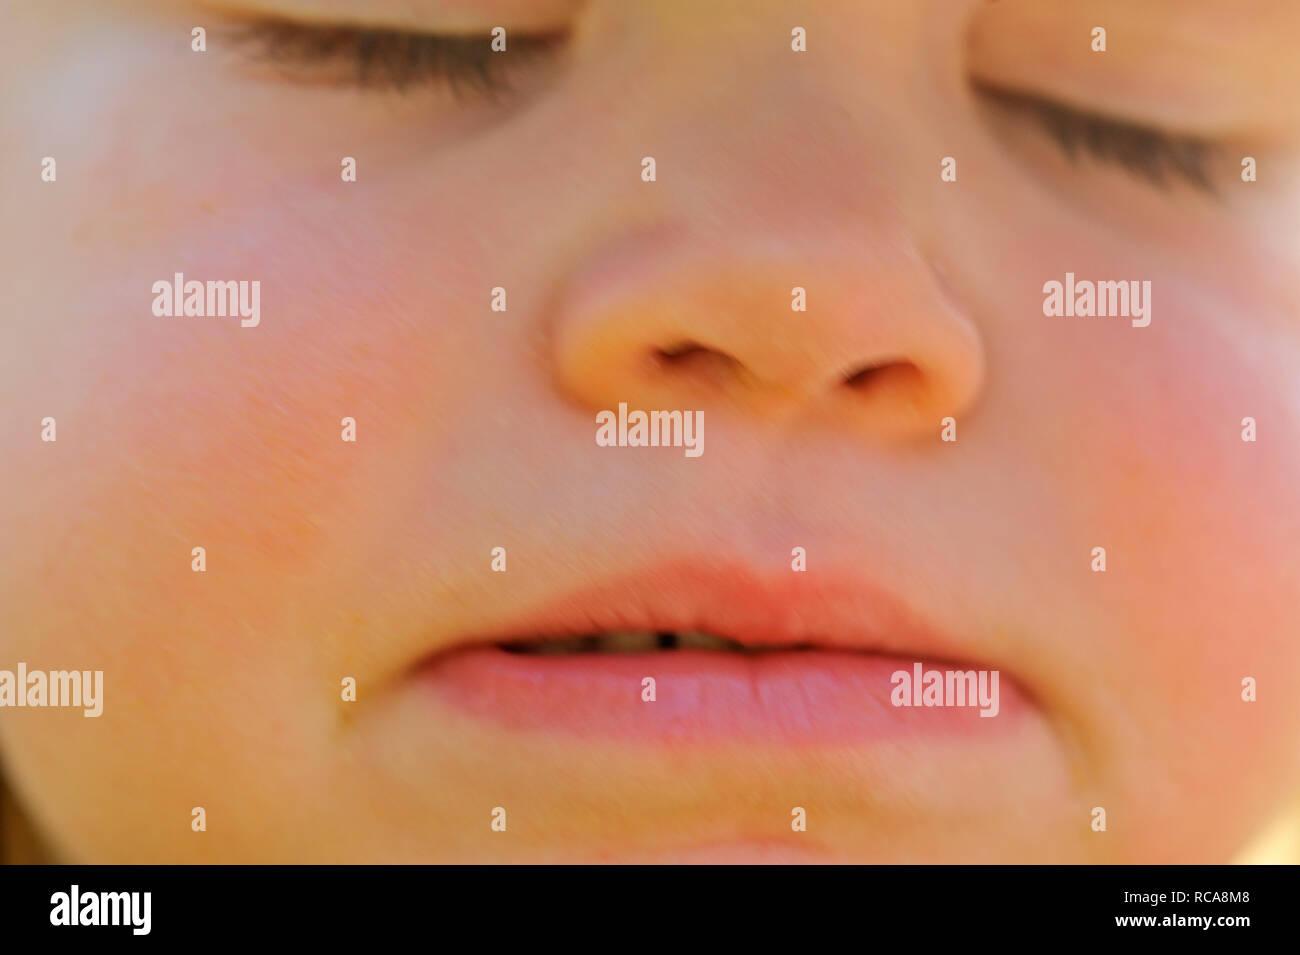 Art schläft, Gesicht Nahaufnahme | Kind schlafen, Gesicht Nahaufnahme Stockbild